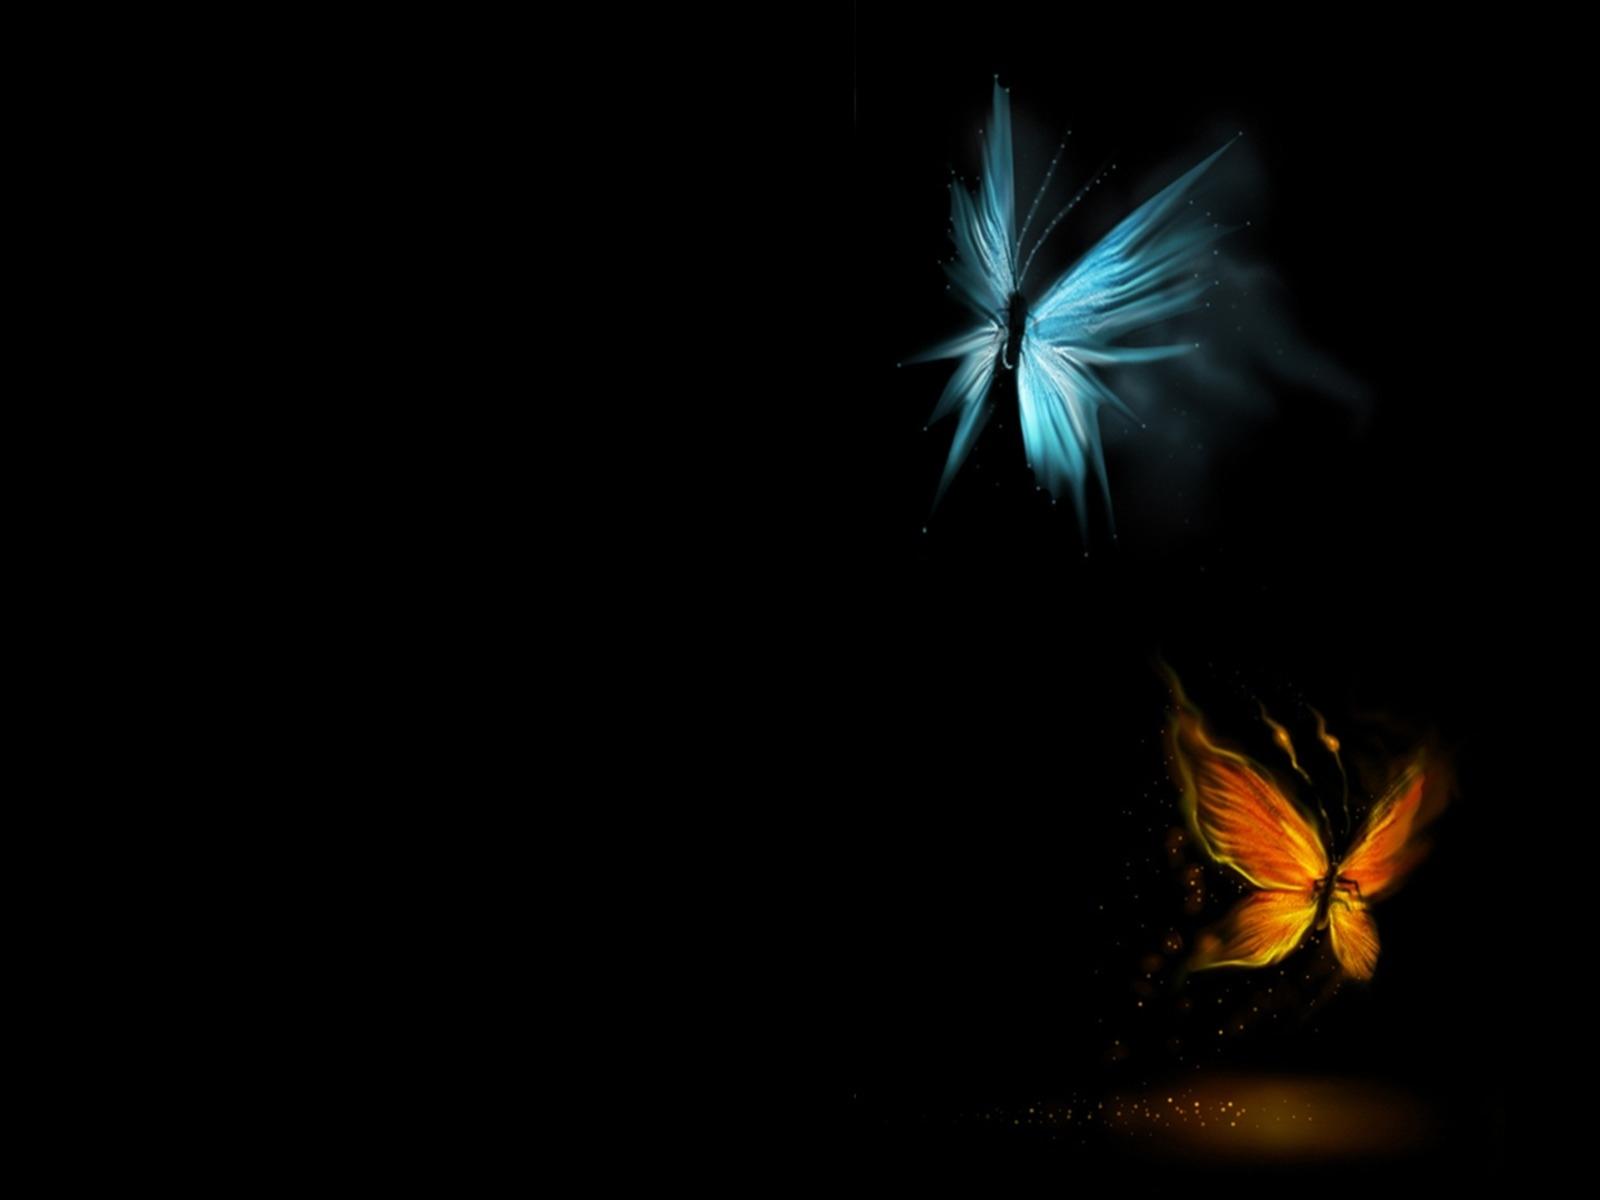 1636 descargar fondo de pantalla Mariposas, Insectos, Imágenes: protectores de pantalla e imágenes gratis